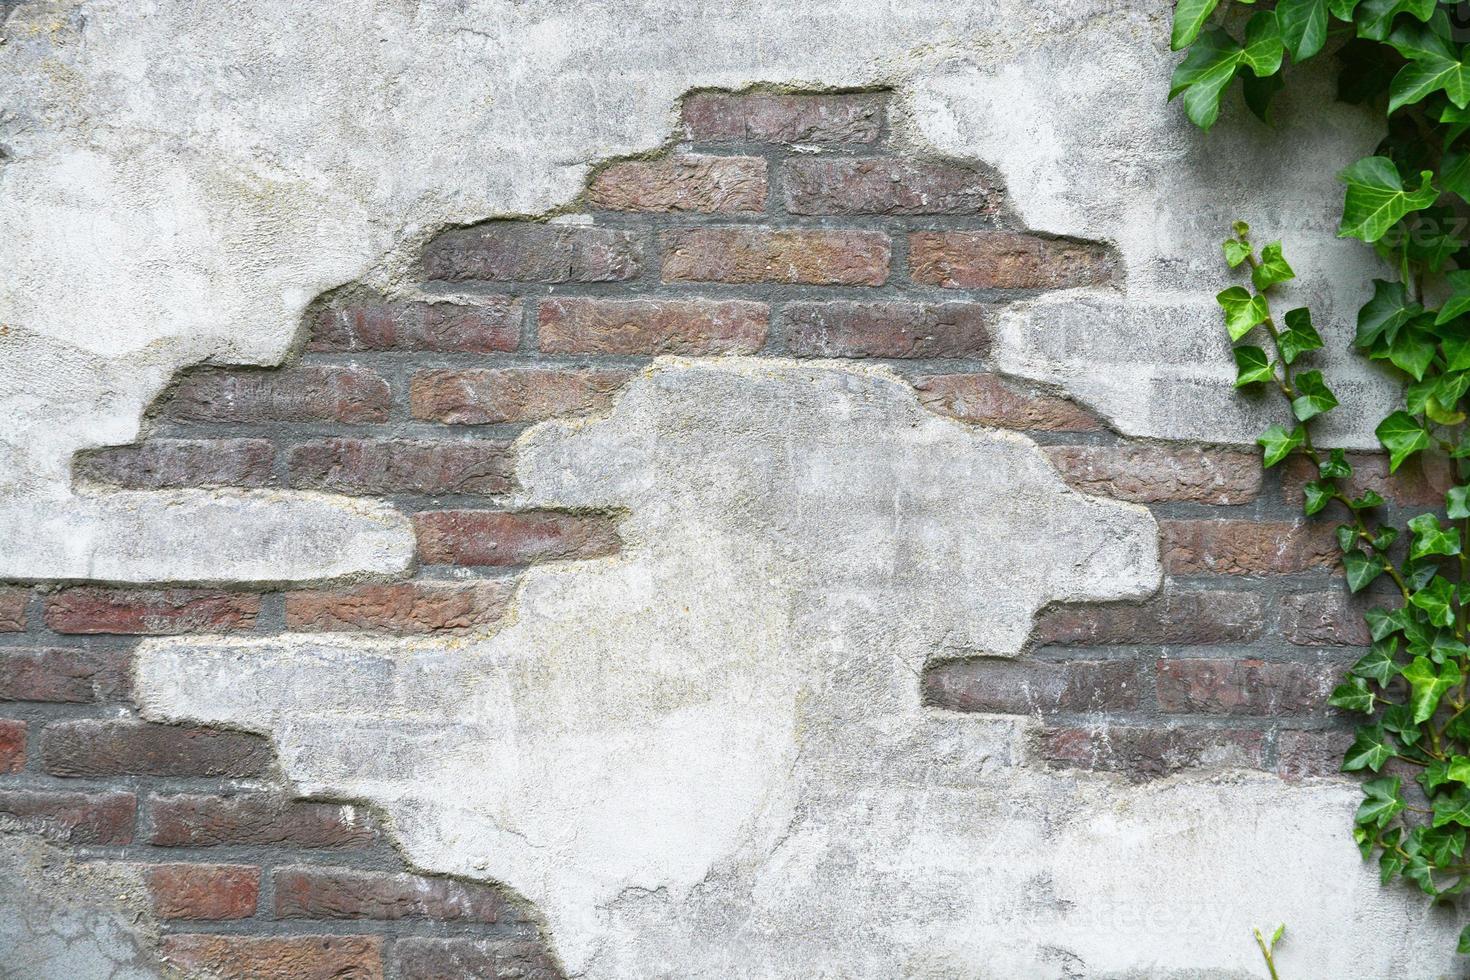 vieux mur de ciment de brique avec lierre arbre copie espace vide photo